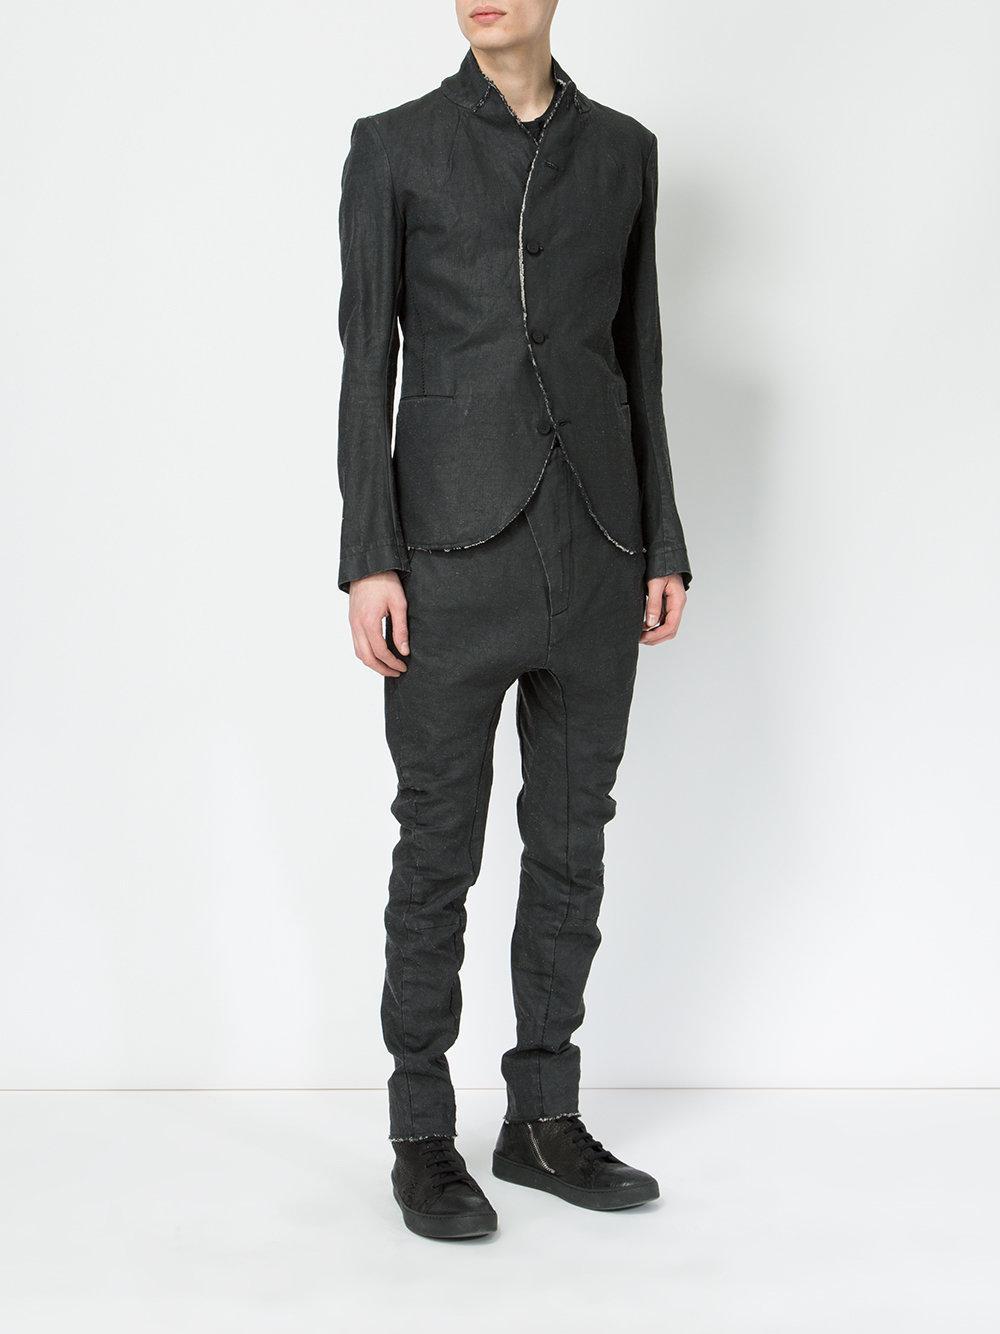 Masnada High Neck Blazer In Black For Men Lyst